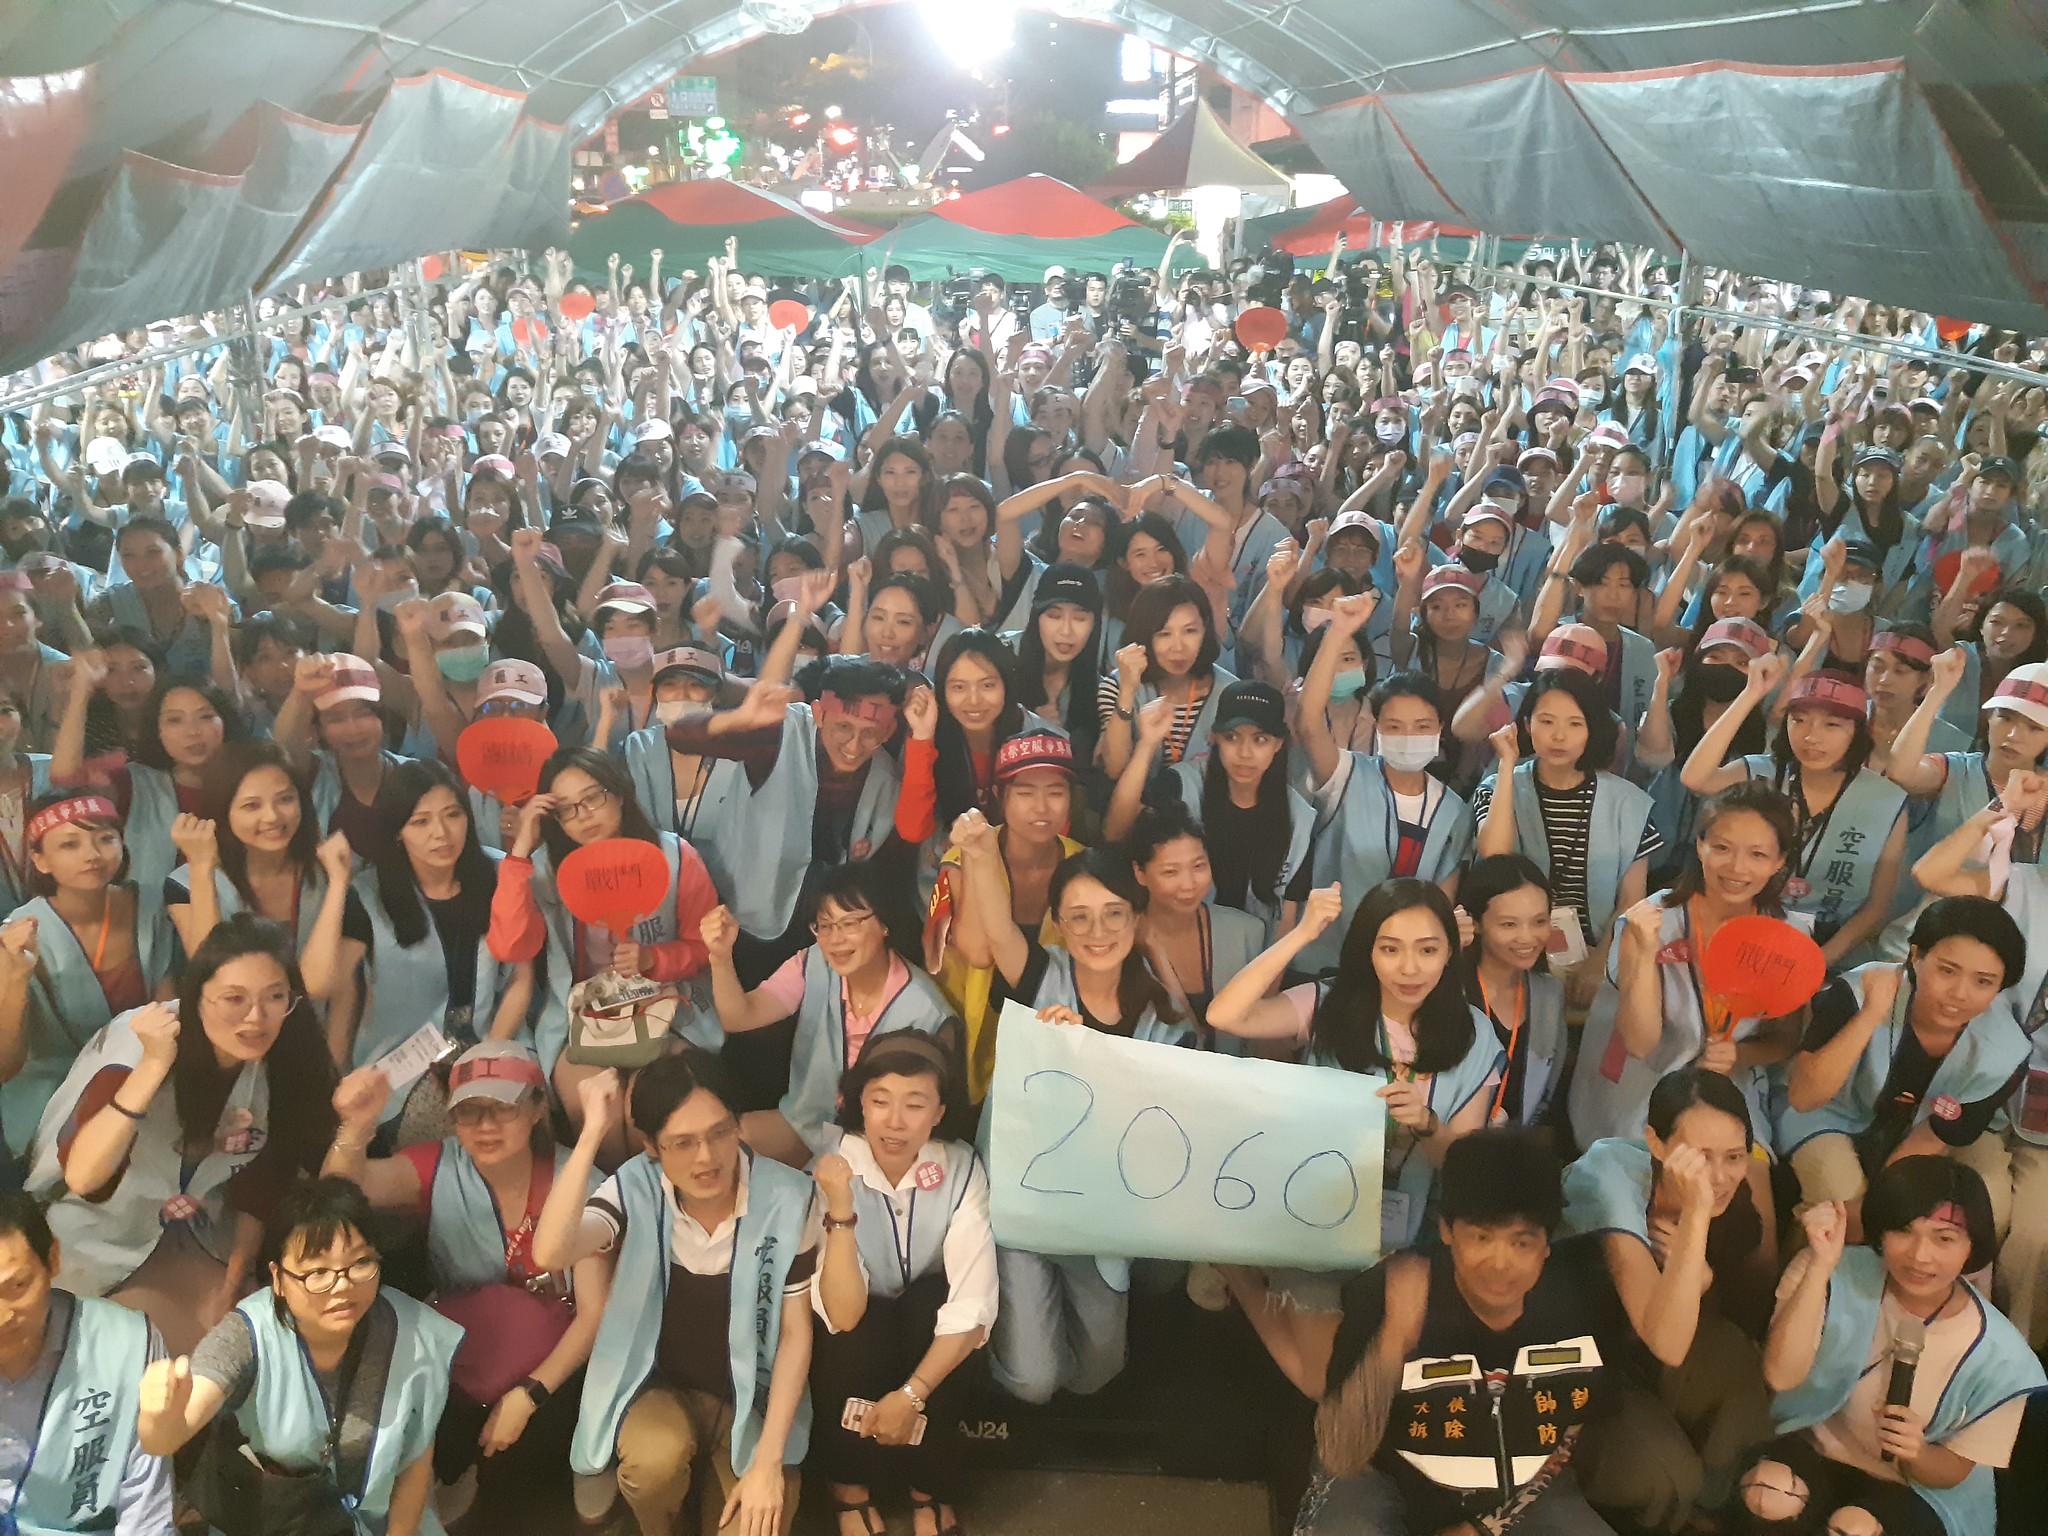 參與罷工的工會成員一起大合照。(攝影:張智琦)